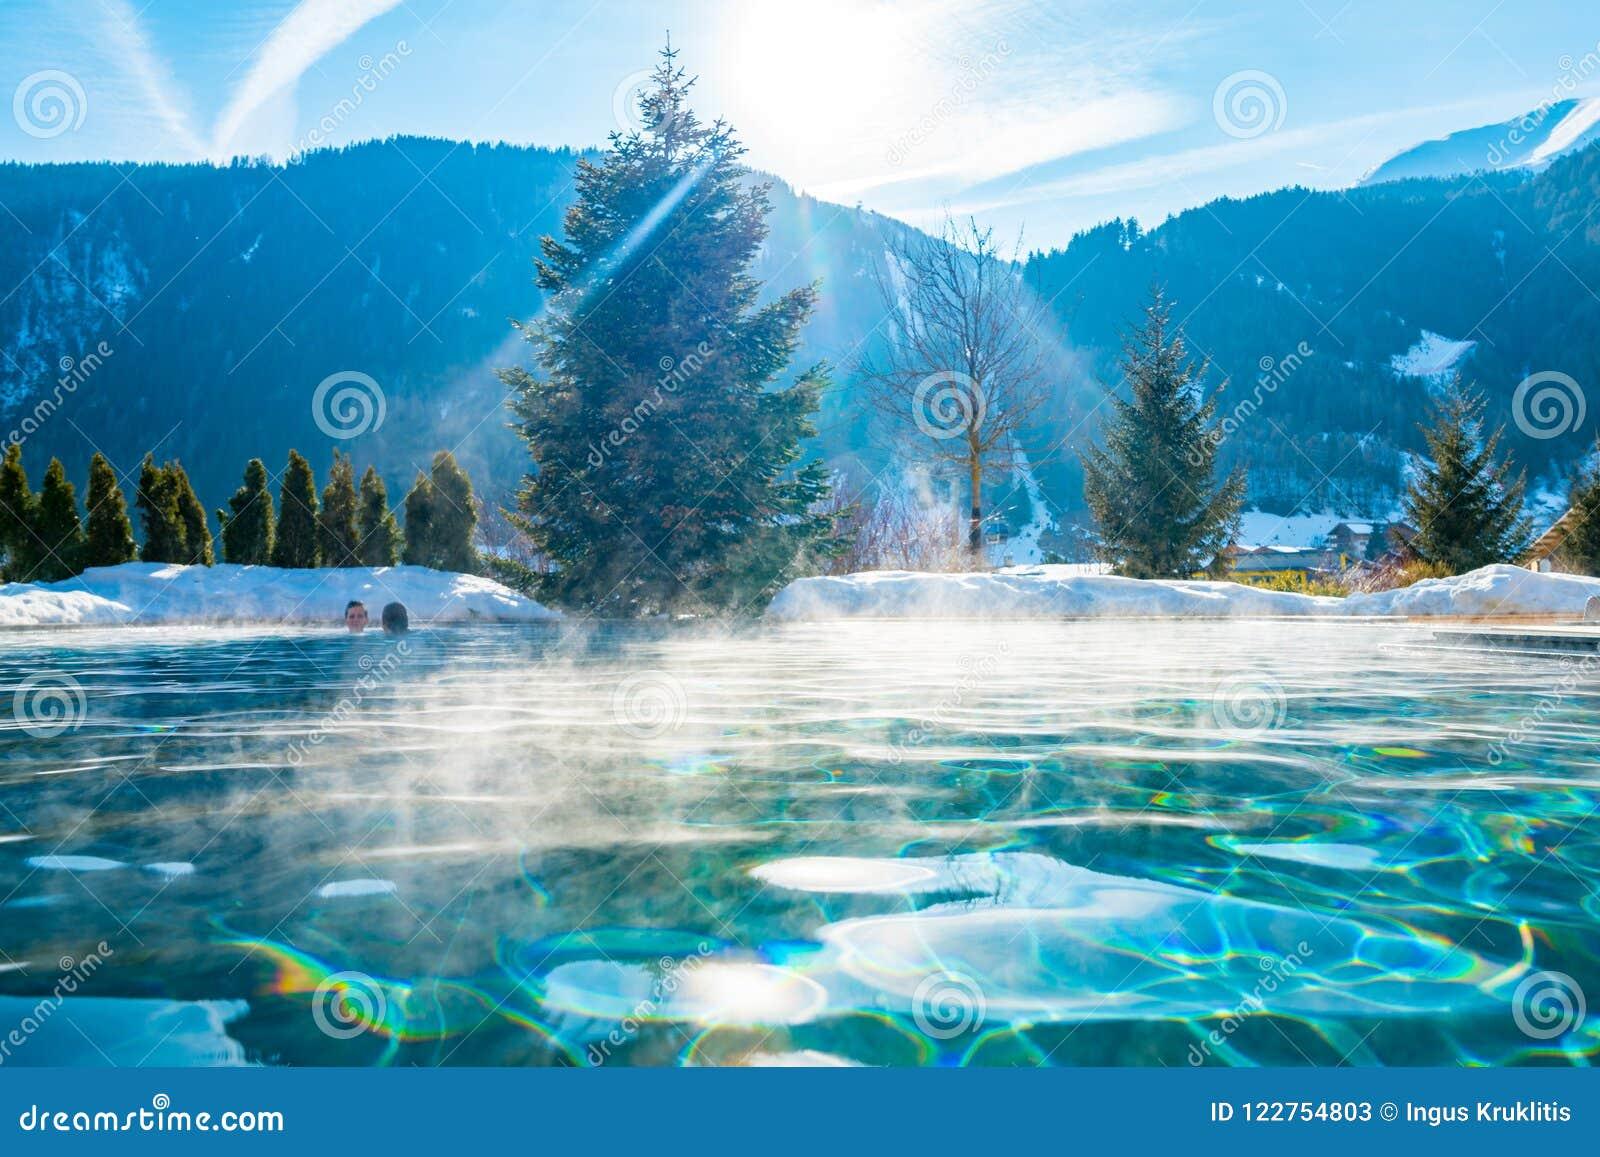 Härligt utomhus- värme pölen vid bergen i österrikiska fjällängar